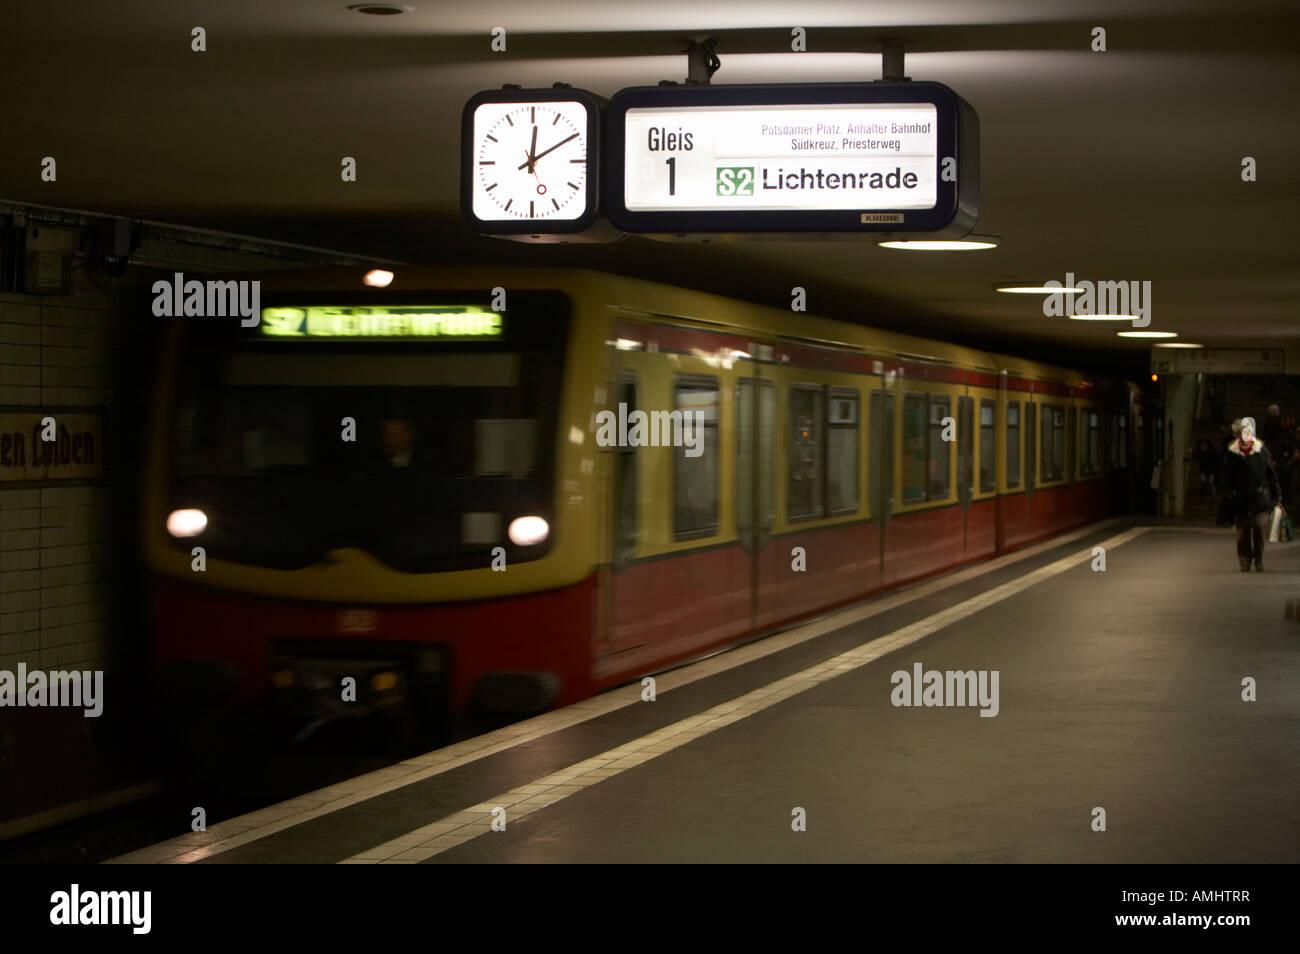 s bahn train speeding through unter den linden underground station Berlin Germany Stock Photo